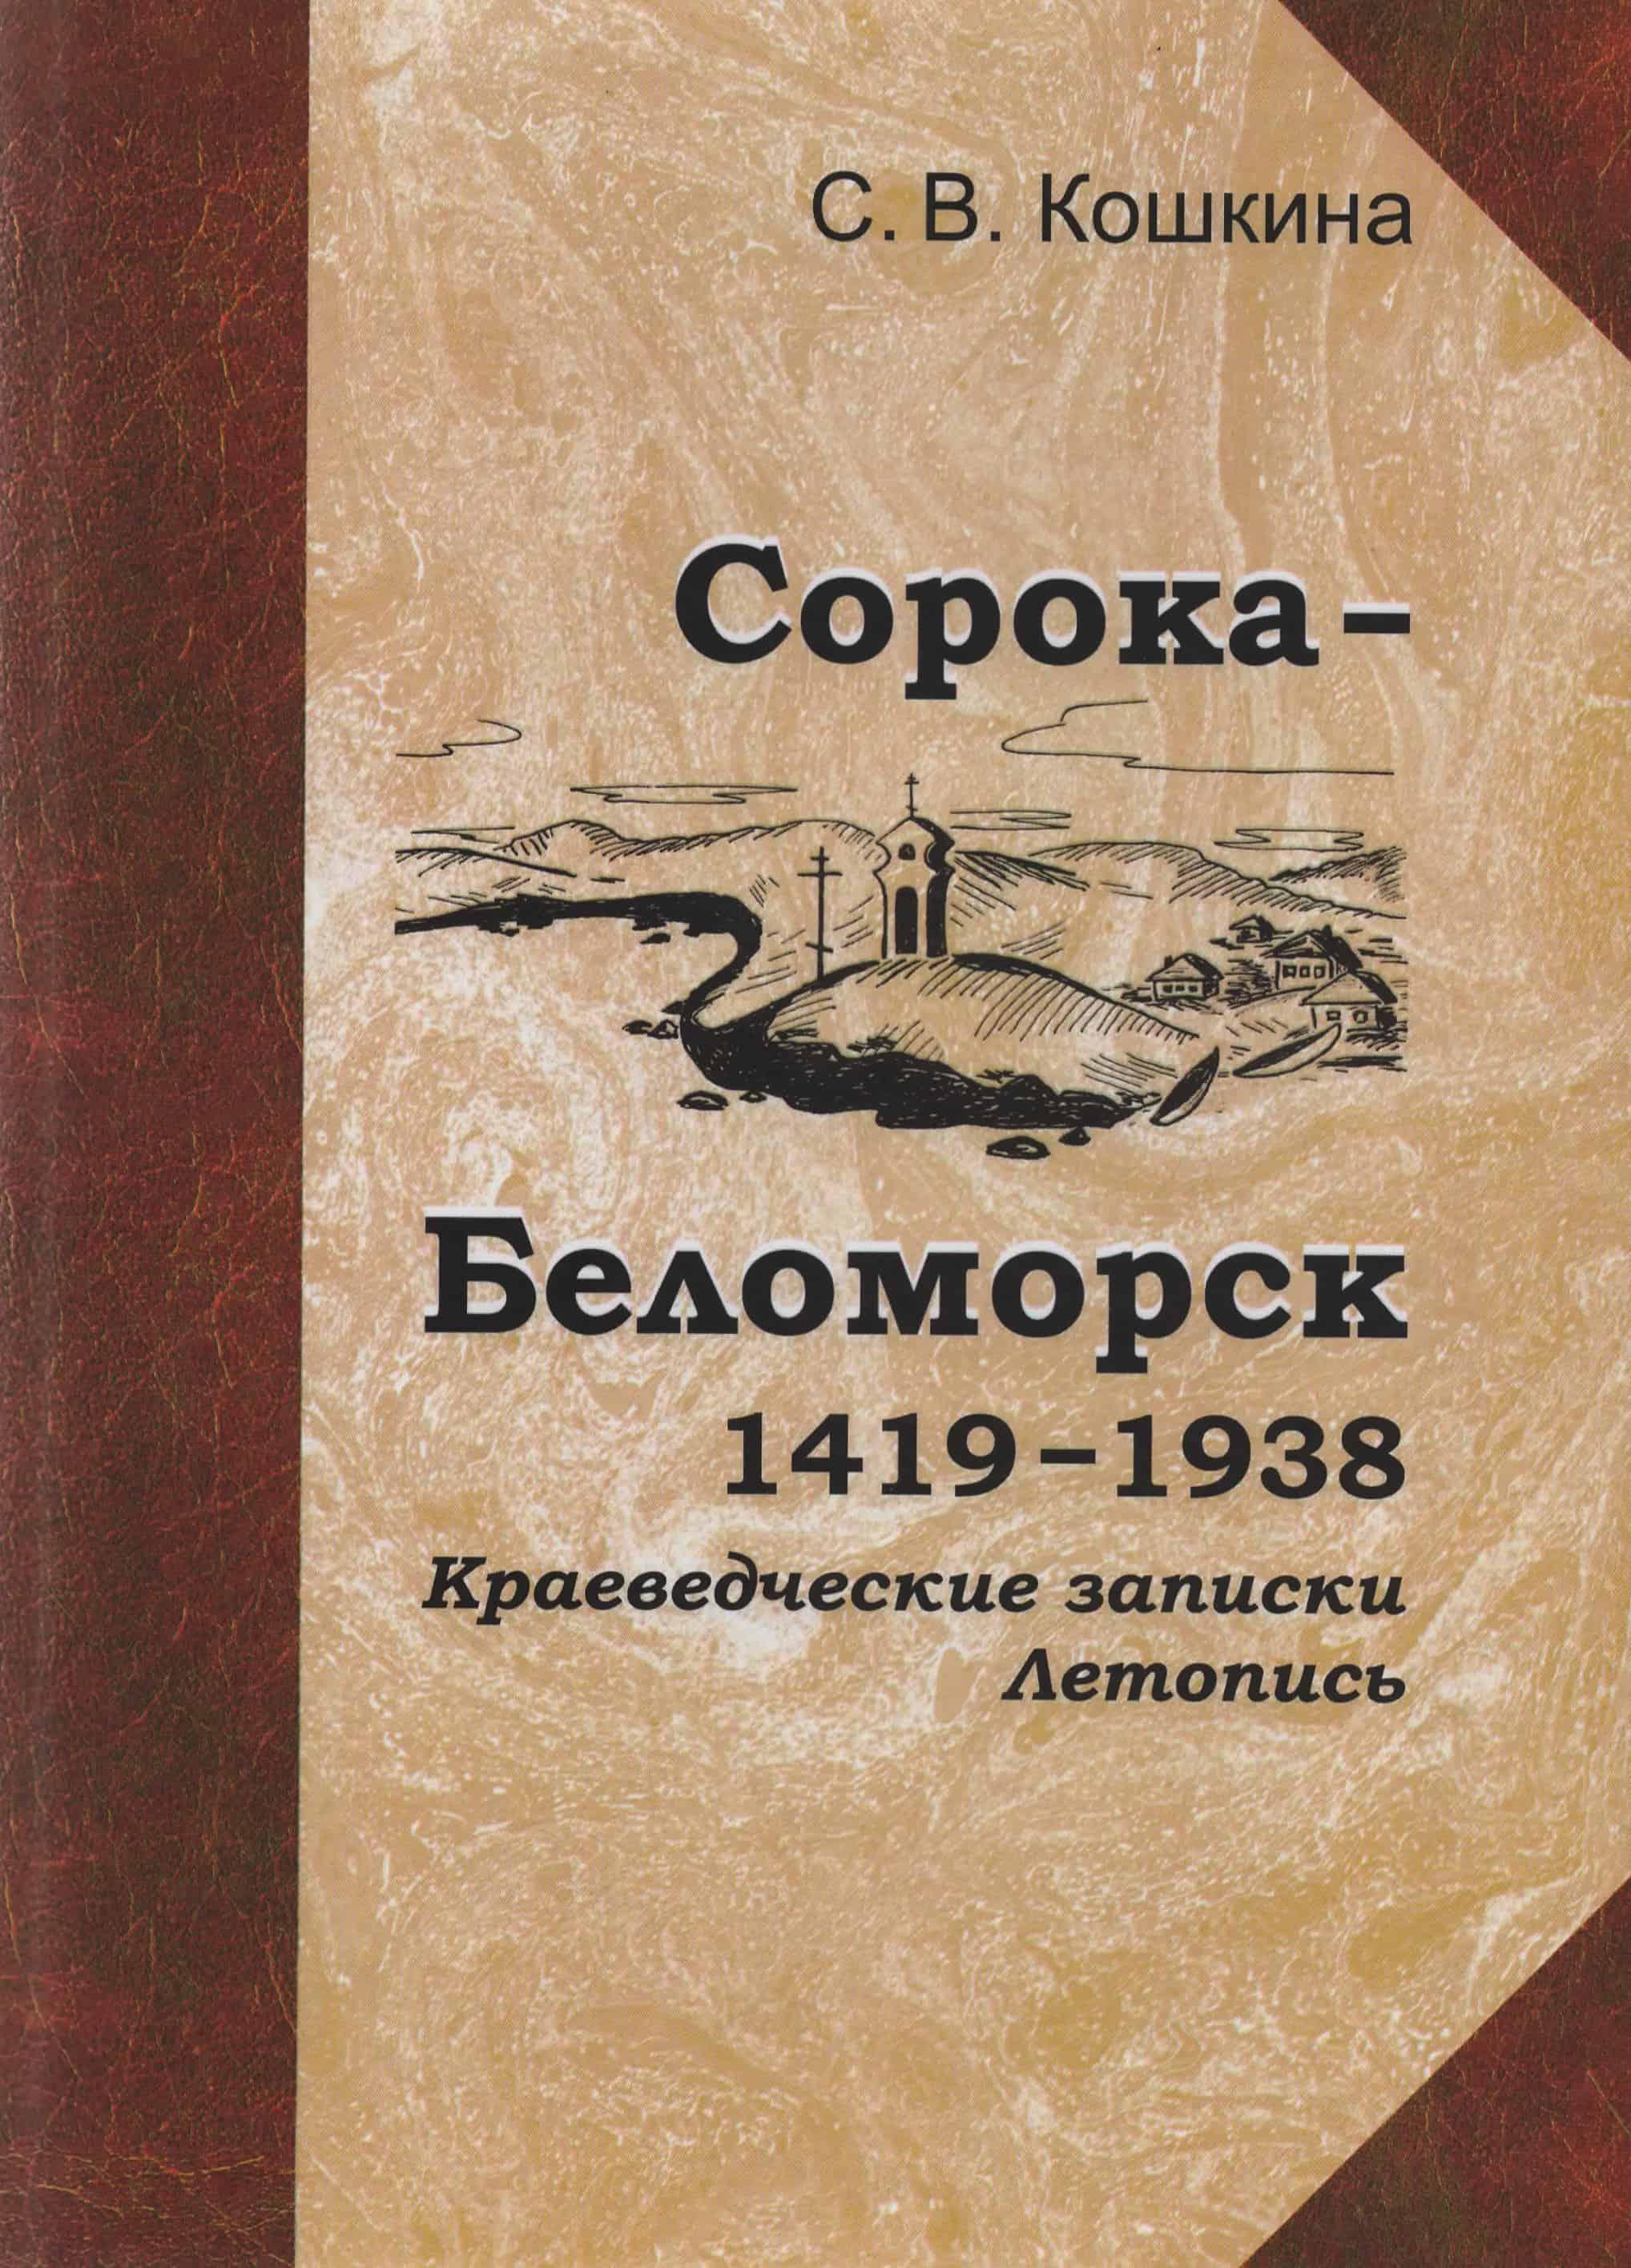 Кошкина С.В. Сорока – Беломорск. 1419 – 1938. Краеведческие записки летопись